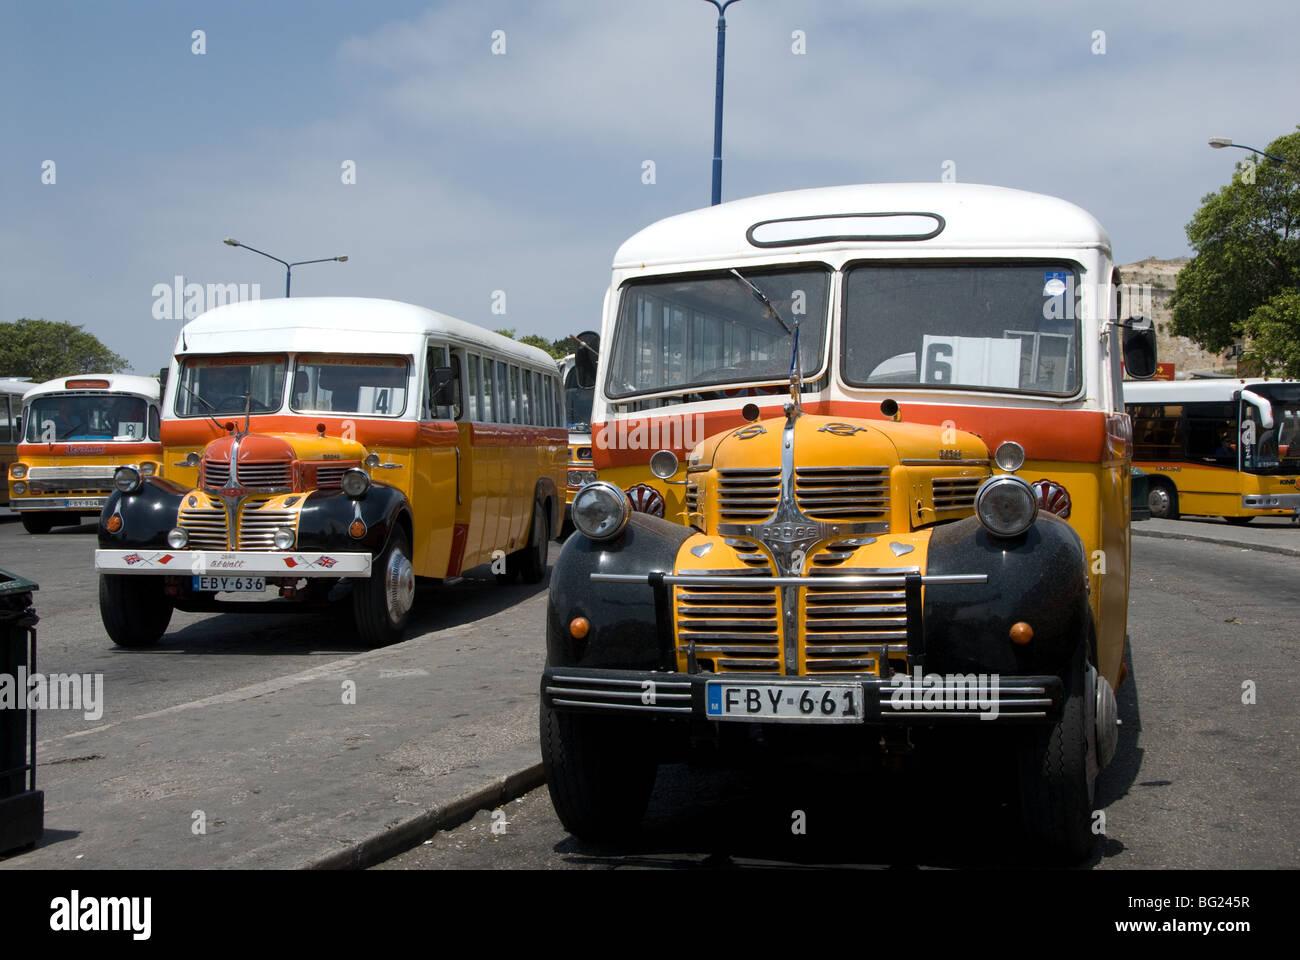 Dos de los tres autobuses normales de control en cada día de servicio en Malta Imagen De Stock